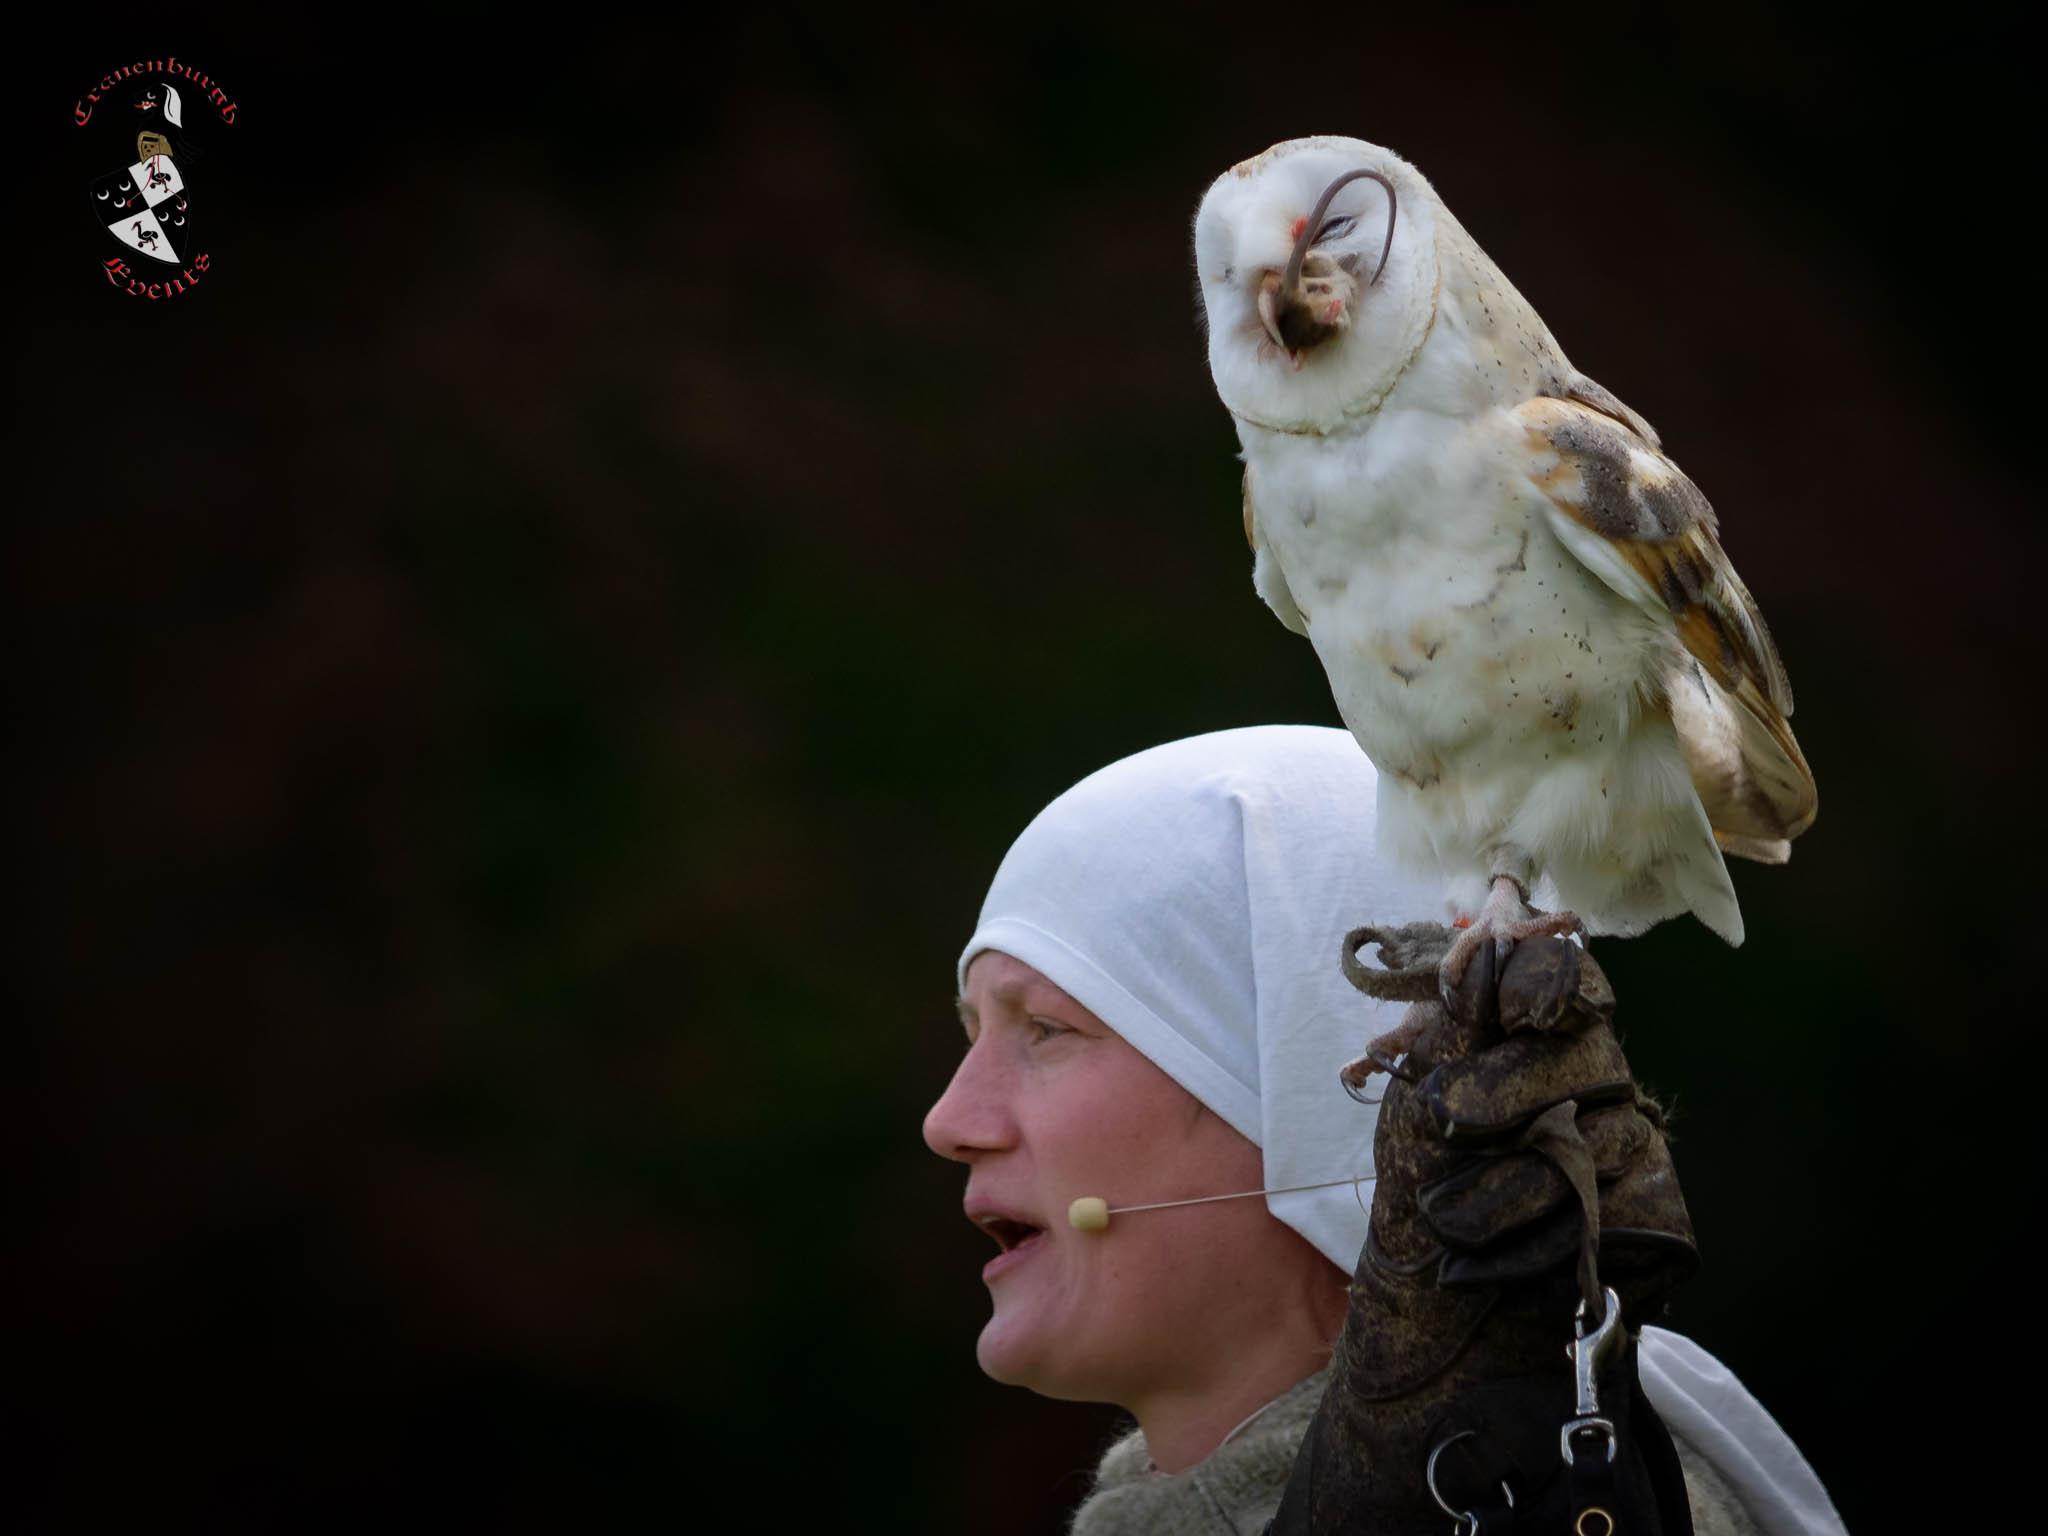 Middeleeuws-Festijn-Cannenburgh-2019-Ellen-la-Faille-41